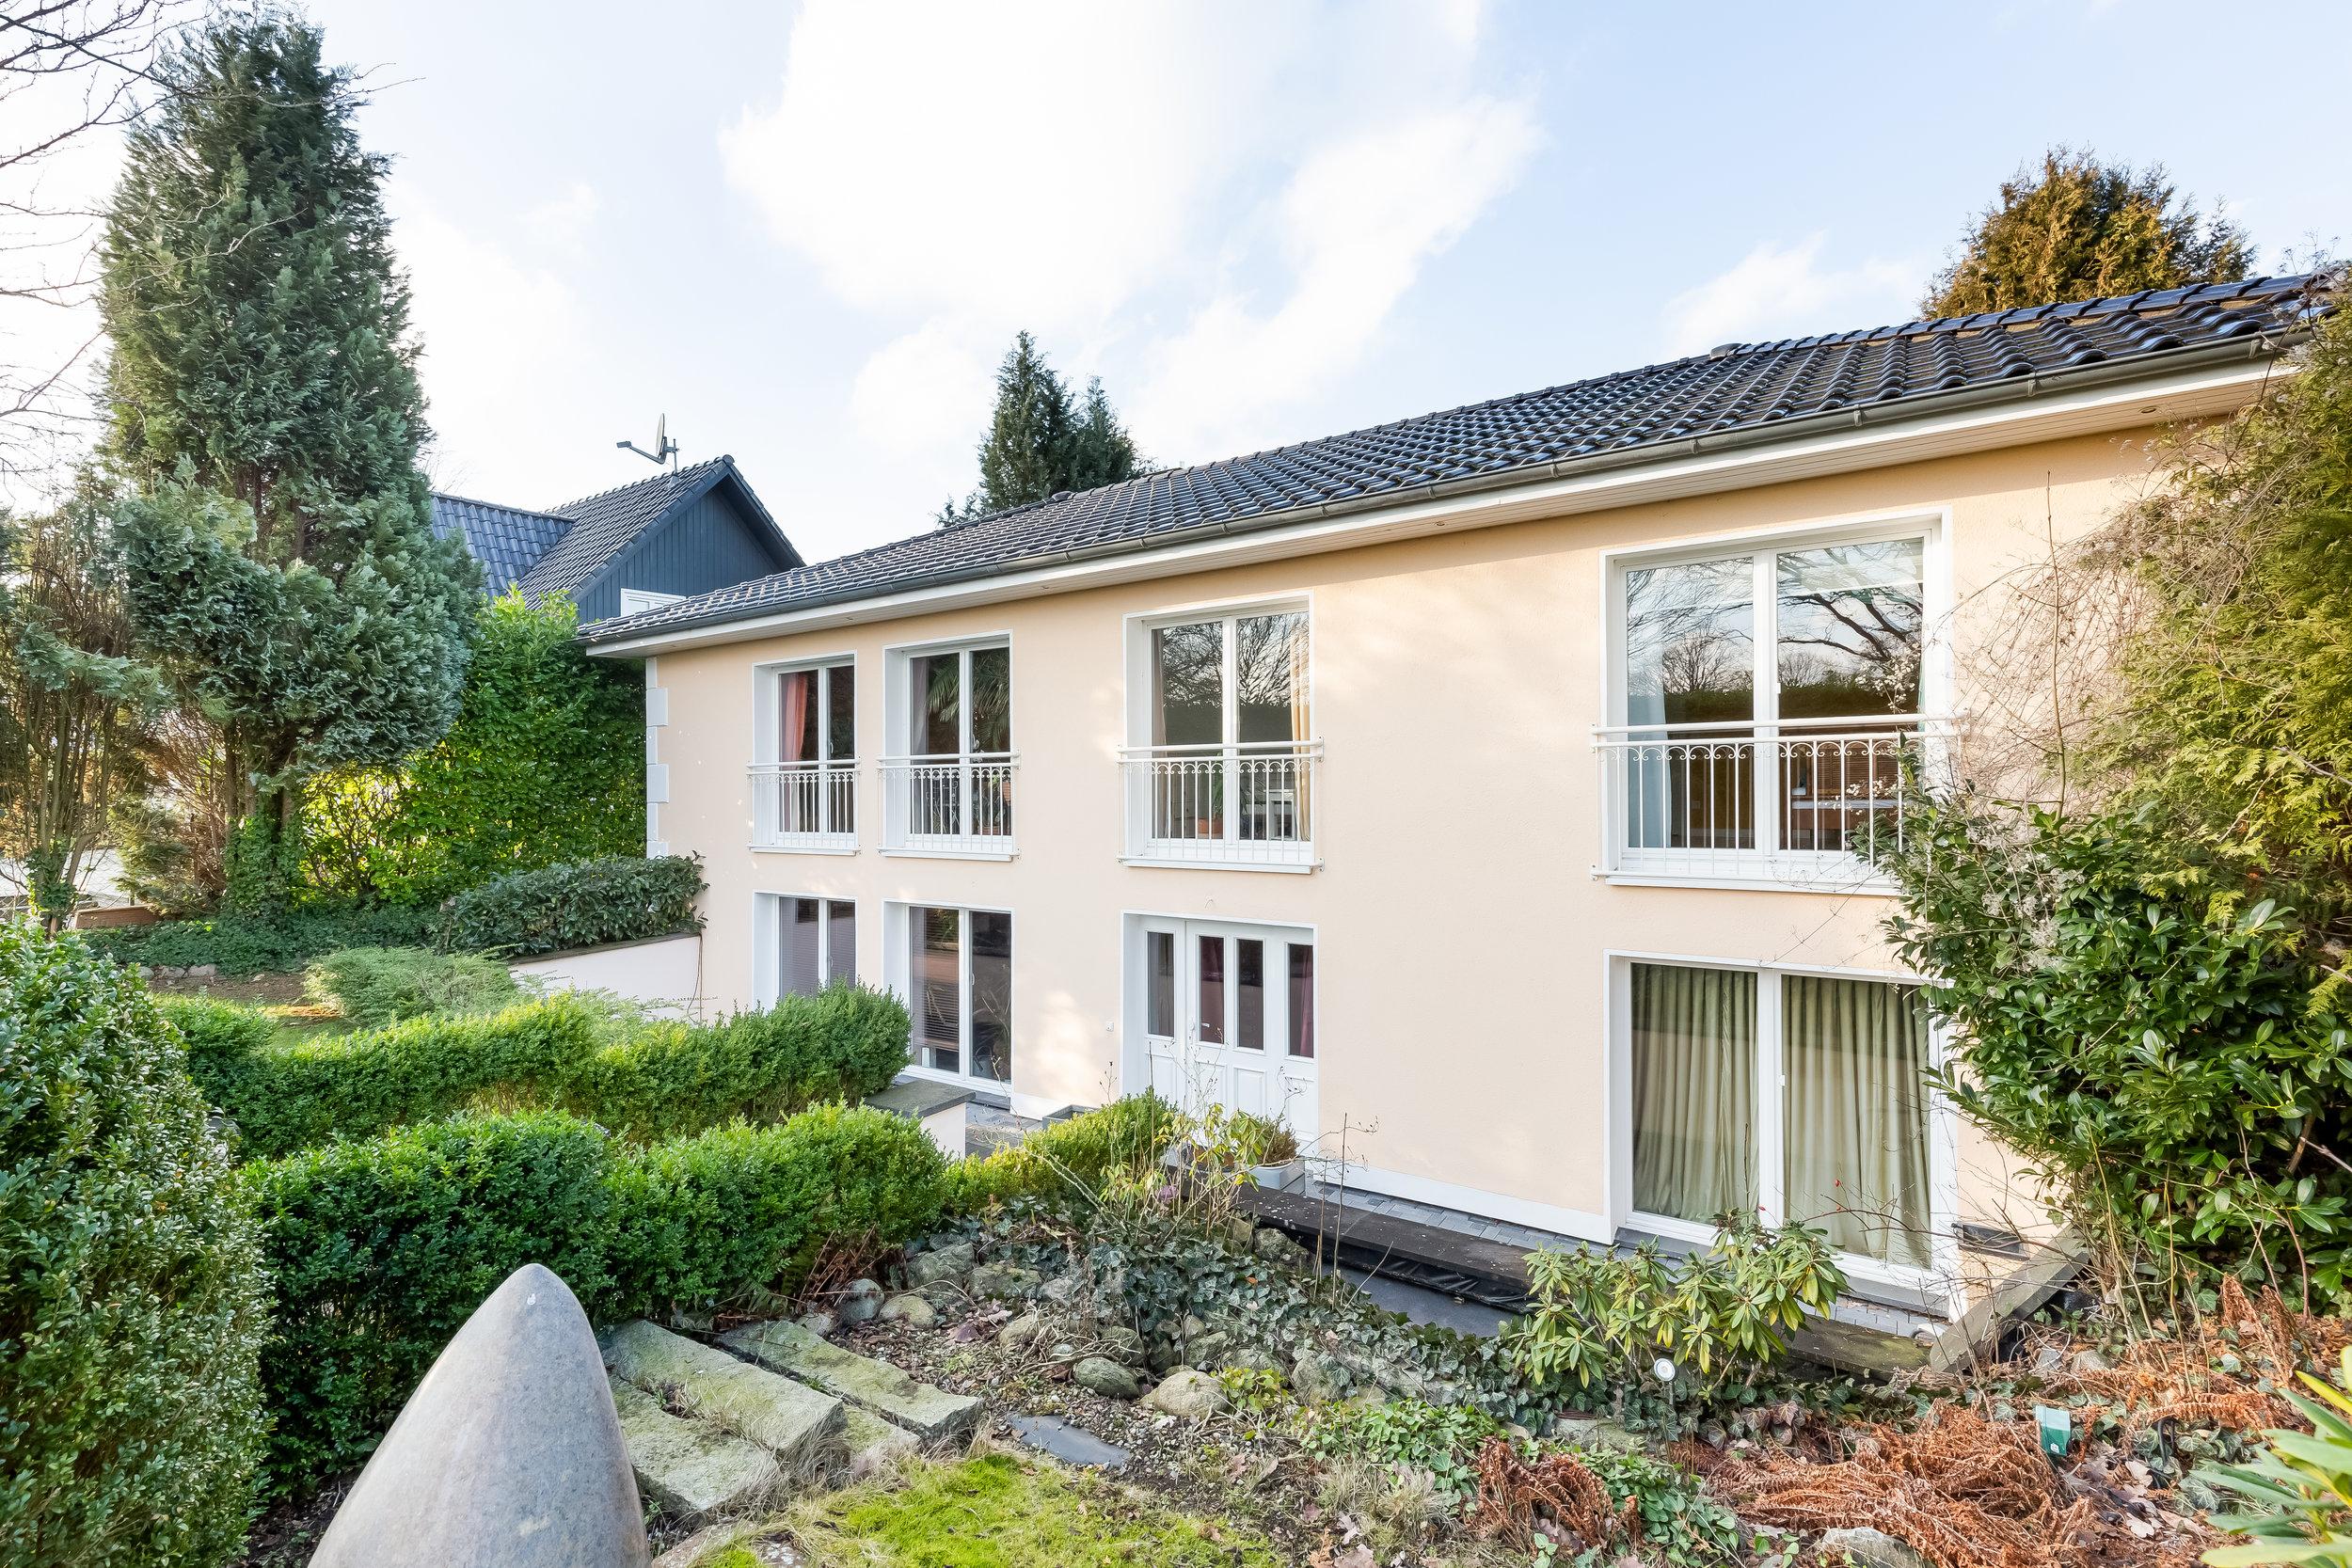 Zweifamilienhaus - HH-Duvenstedt